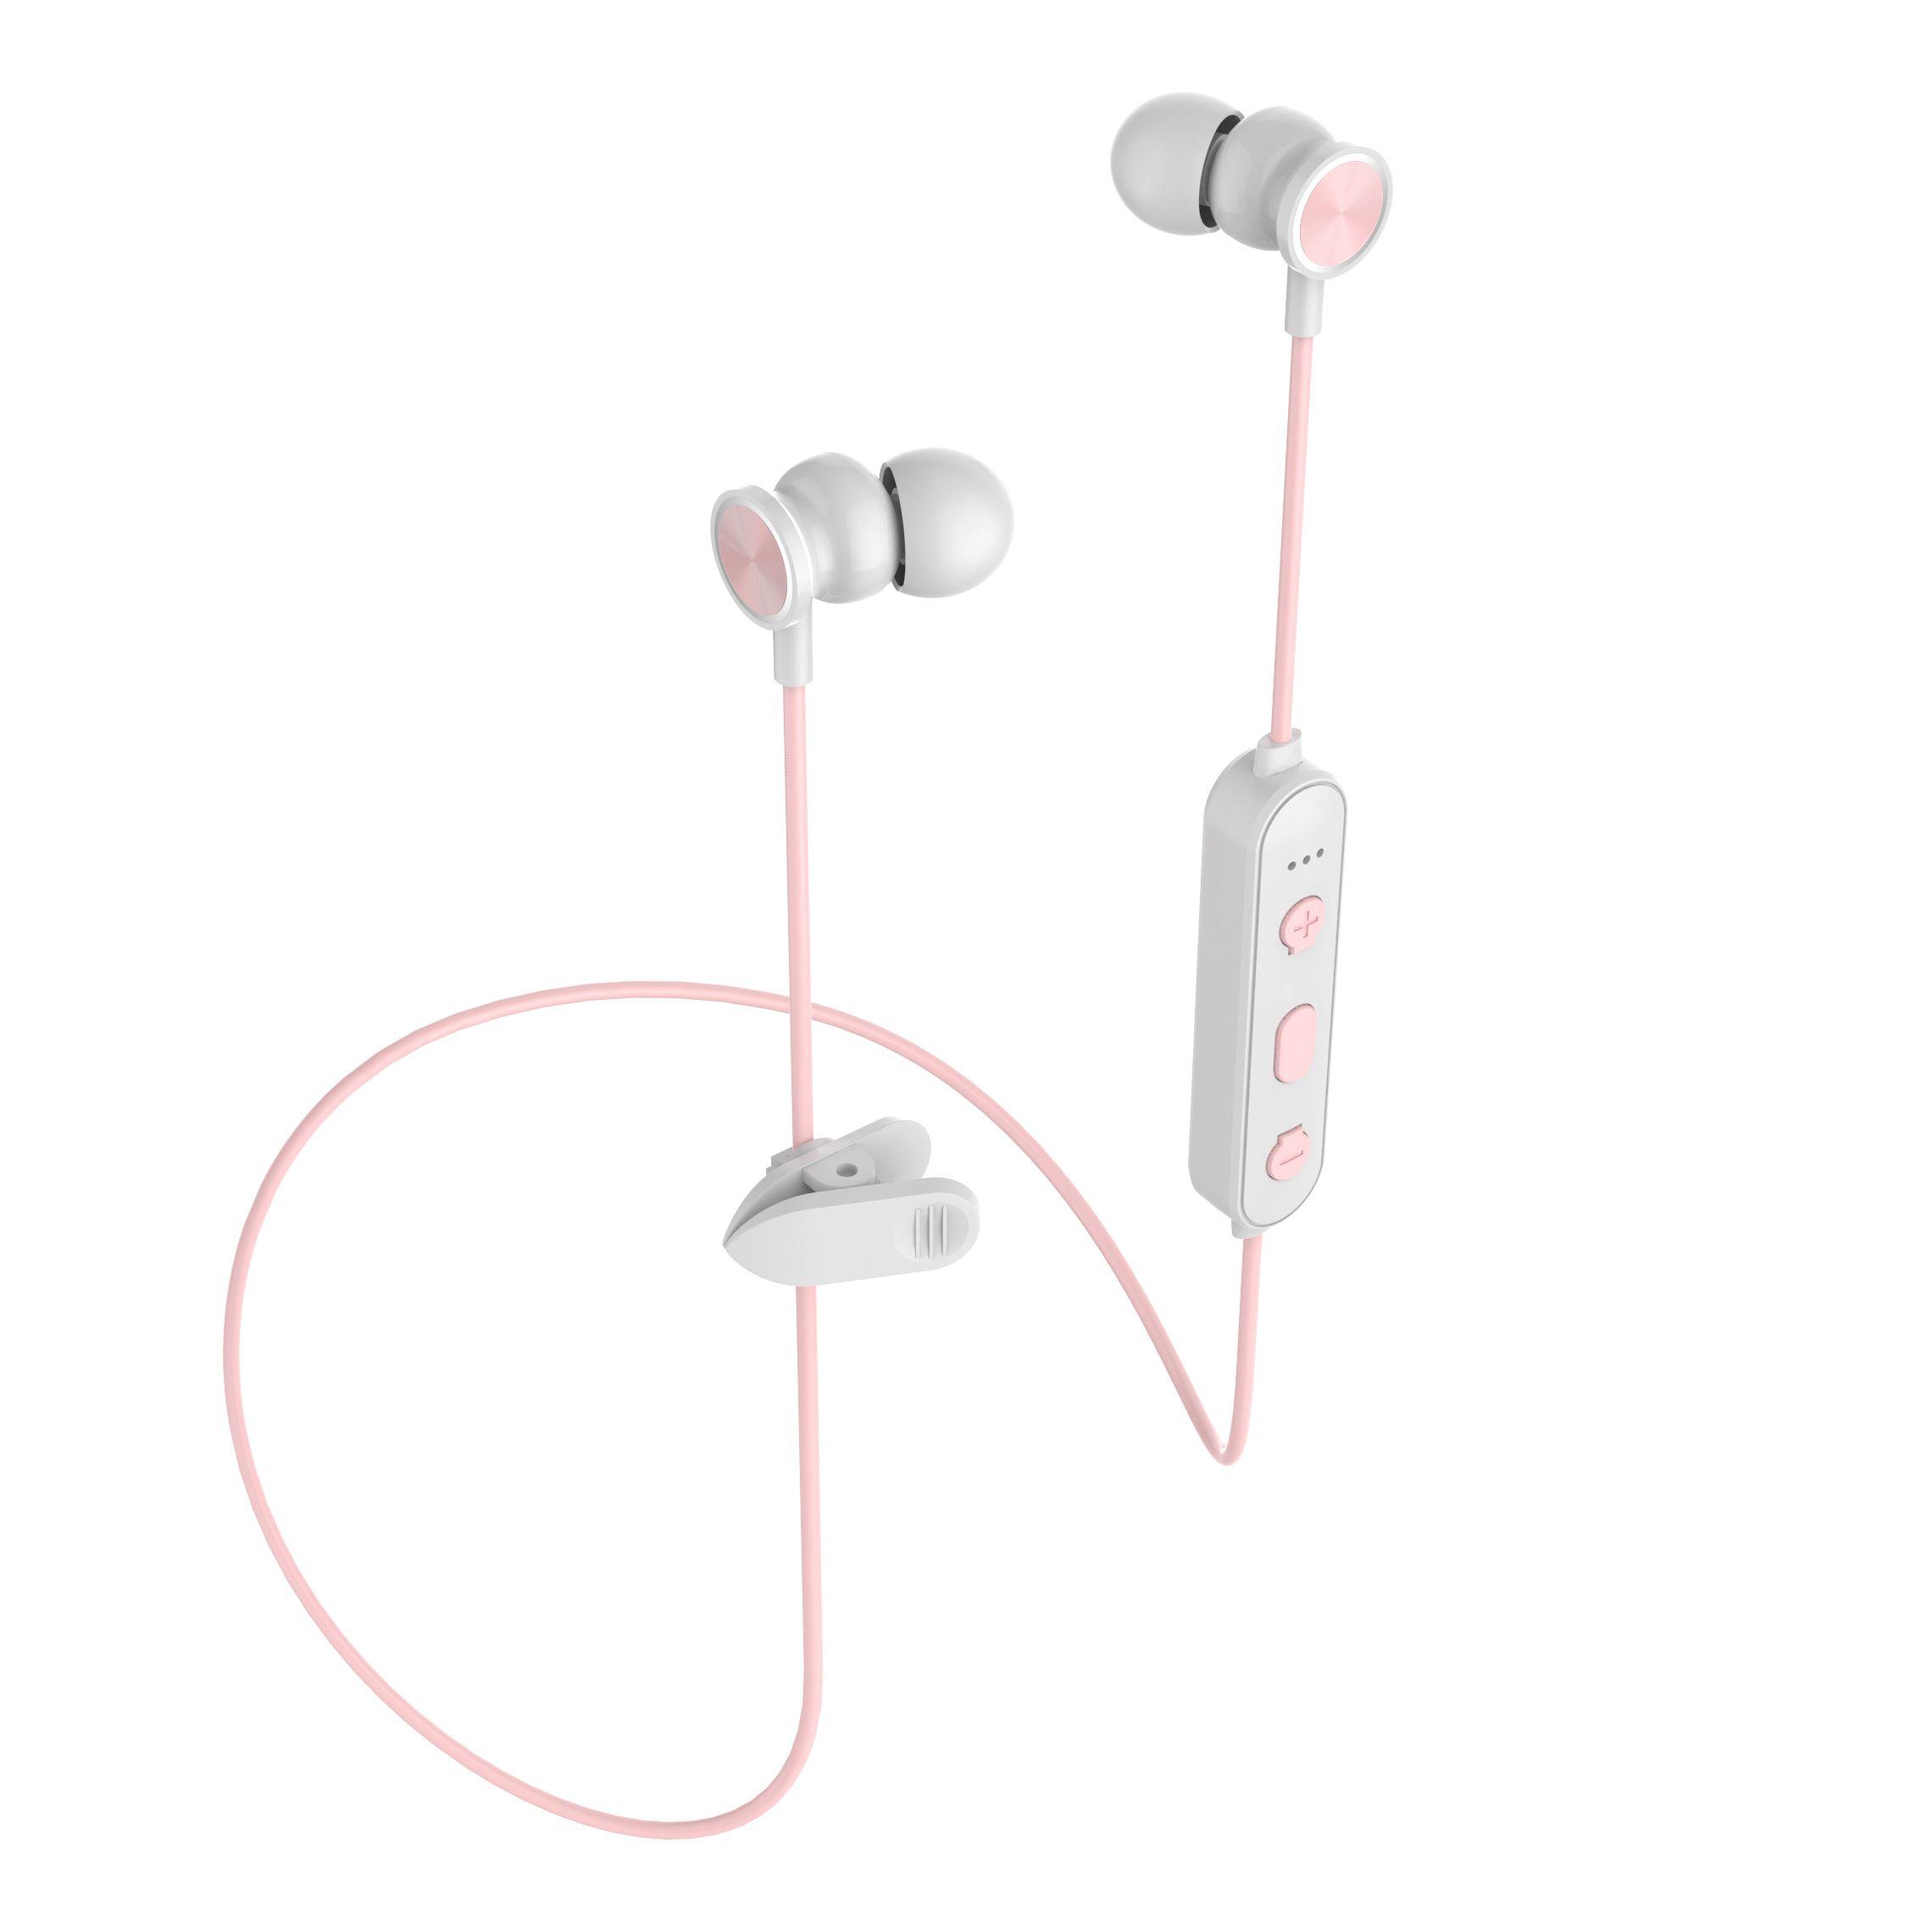 A30 Bluetooth 5.0 Écouteurs sans fil Écouteurs intra-auriculaires Sports imperméables avec micro HIFI STEREO CASSEAUX DE CASSEAUX DE CASSEAUX DE GYM GYM GYM ENTRAÎNEMENT